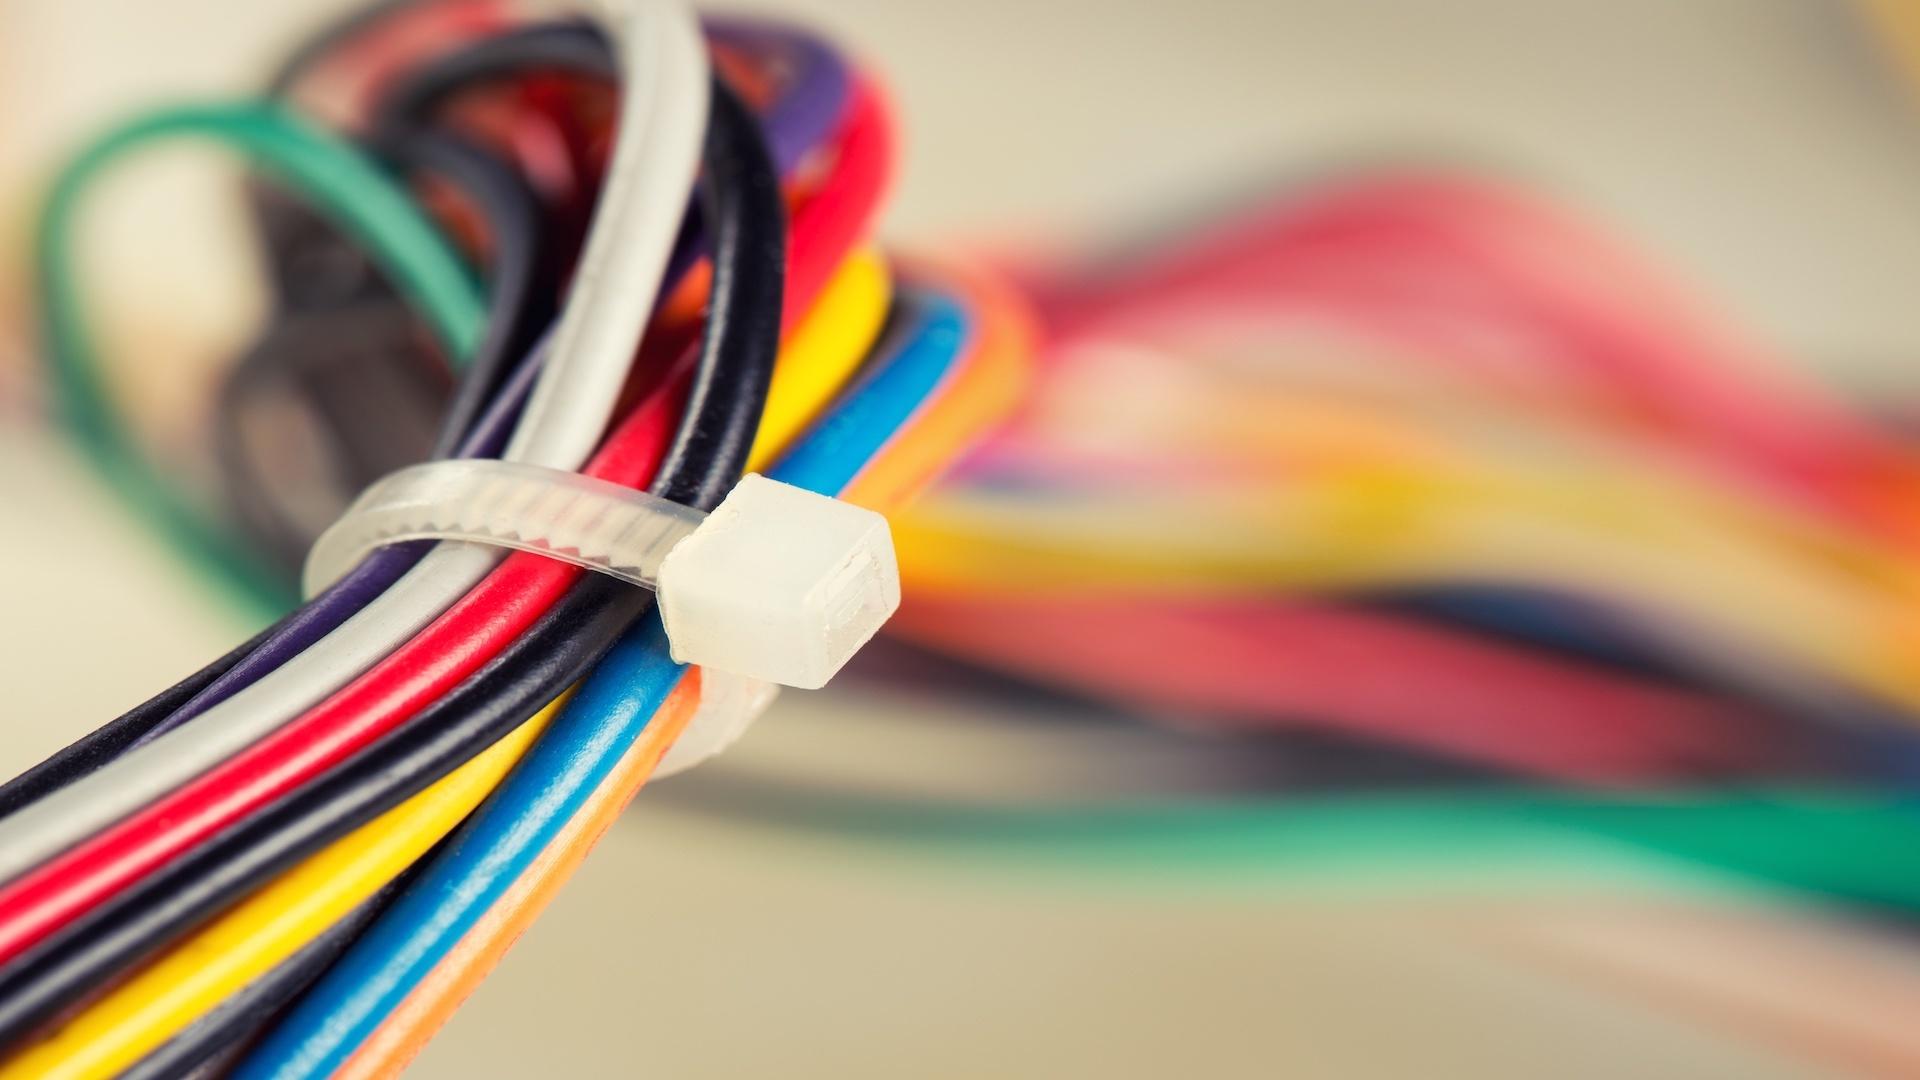 Miglior rilevatore di tubi e cavi elettrici 2020: Guida all'acquisto